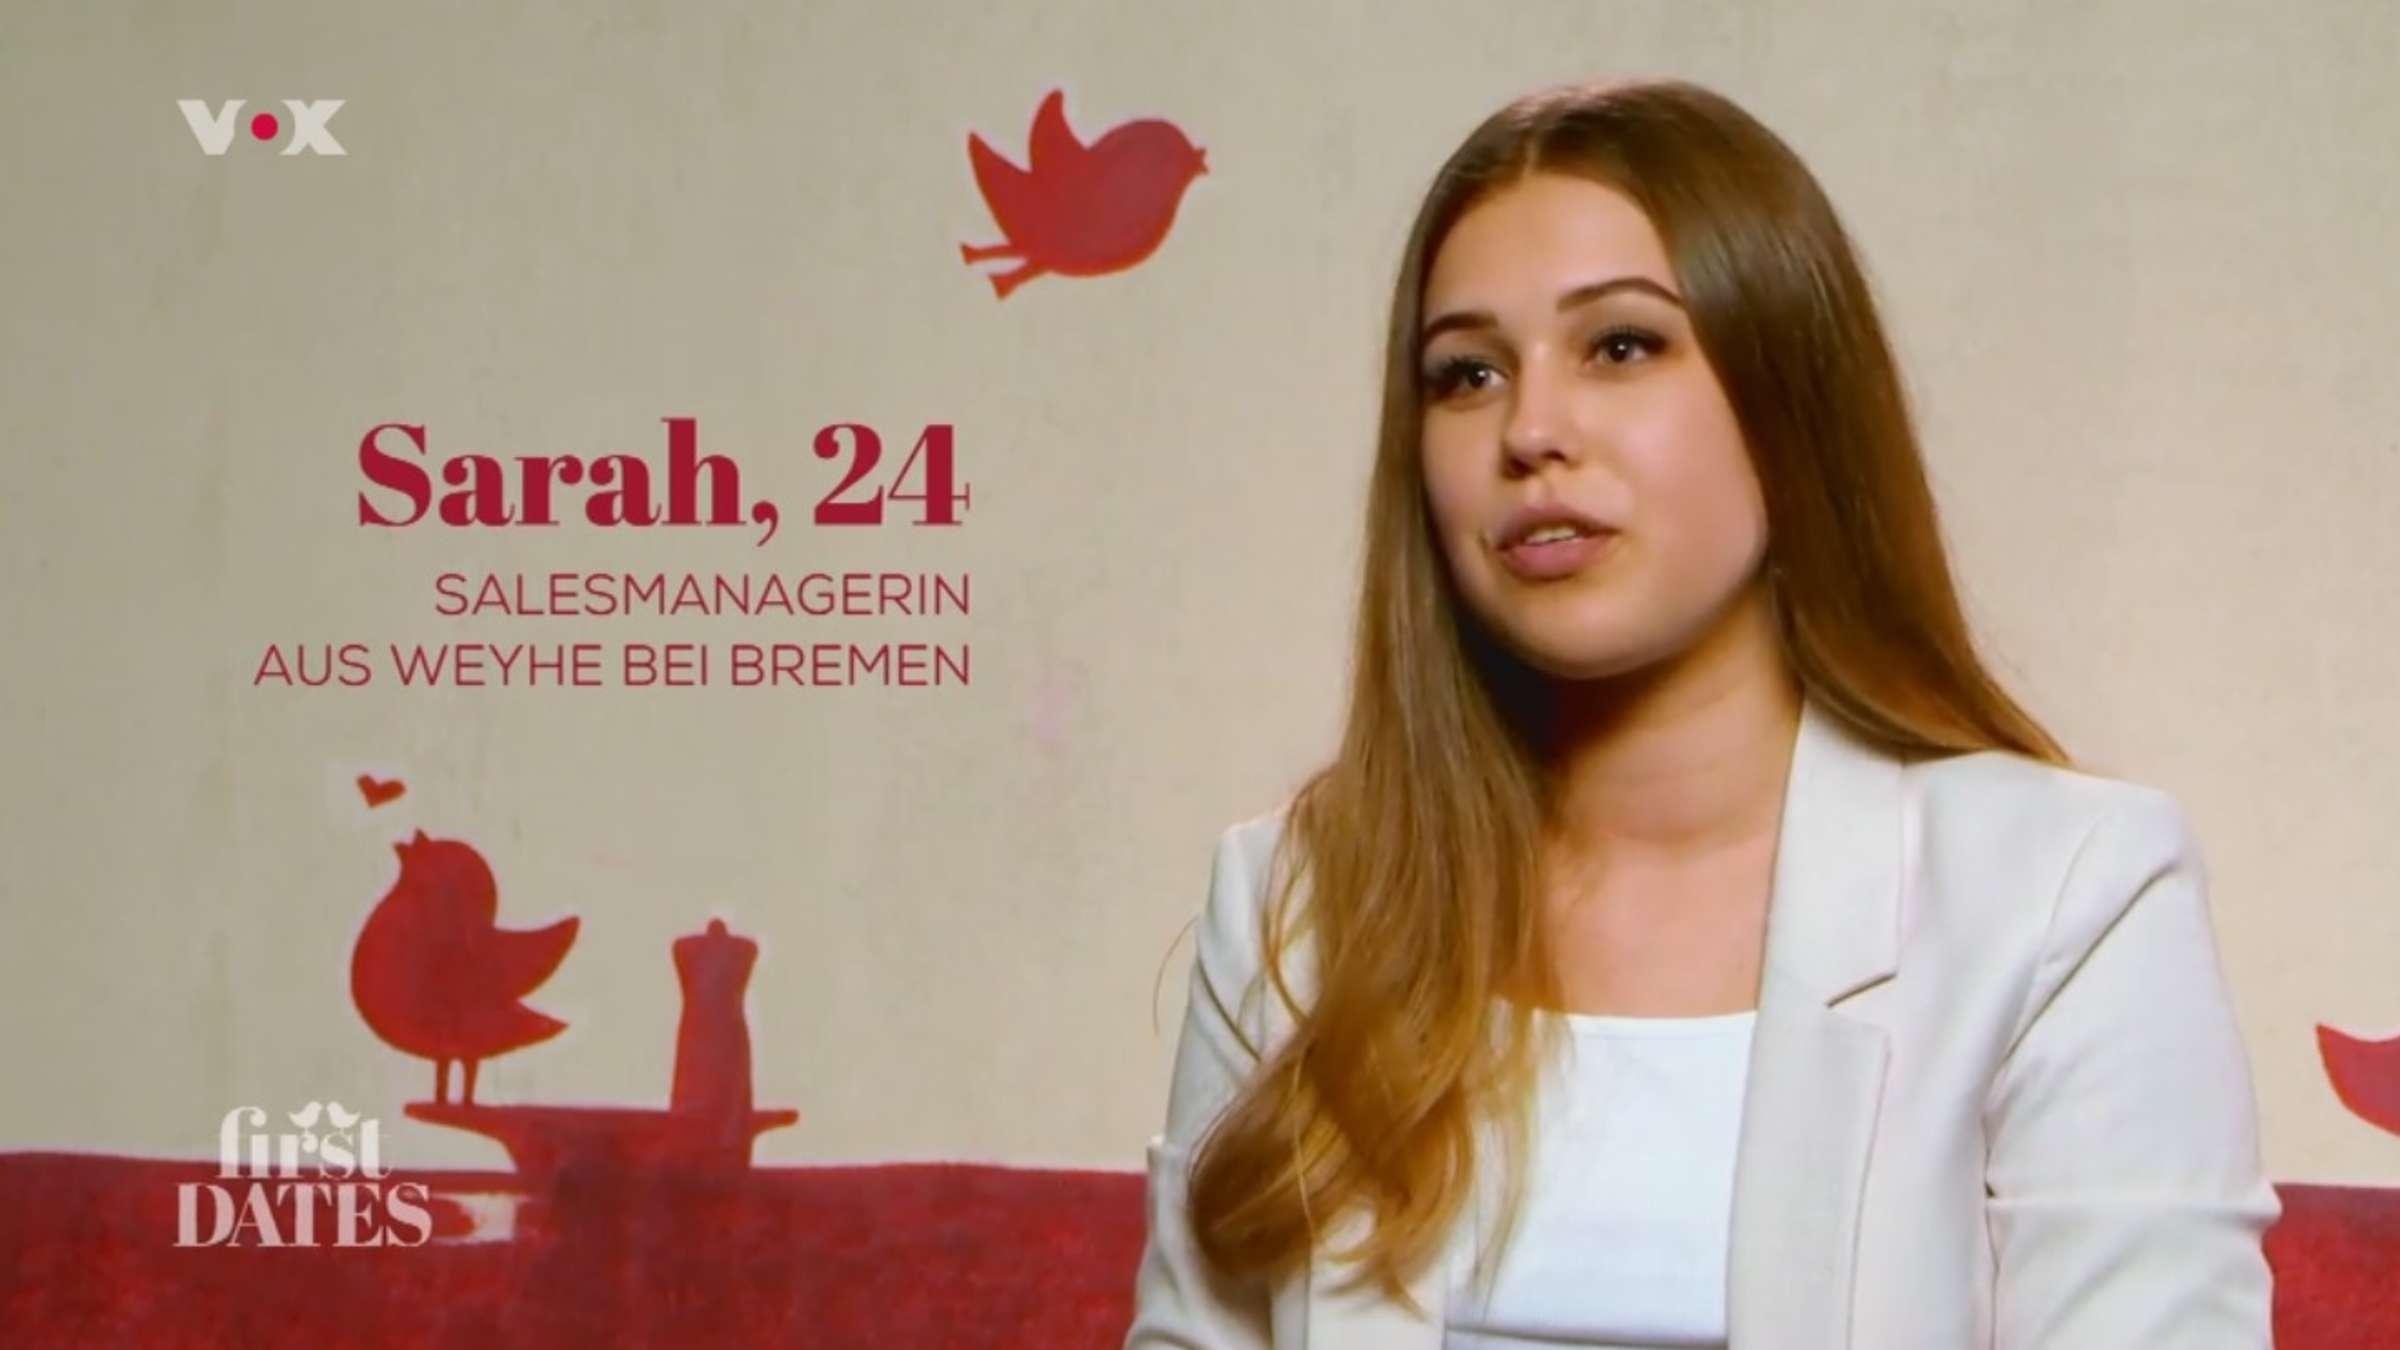 First Dates – Ein Tisch für 2 Staffel 2 Episodenguide – thepalefour.de